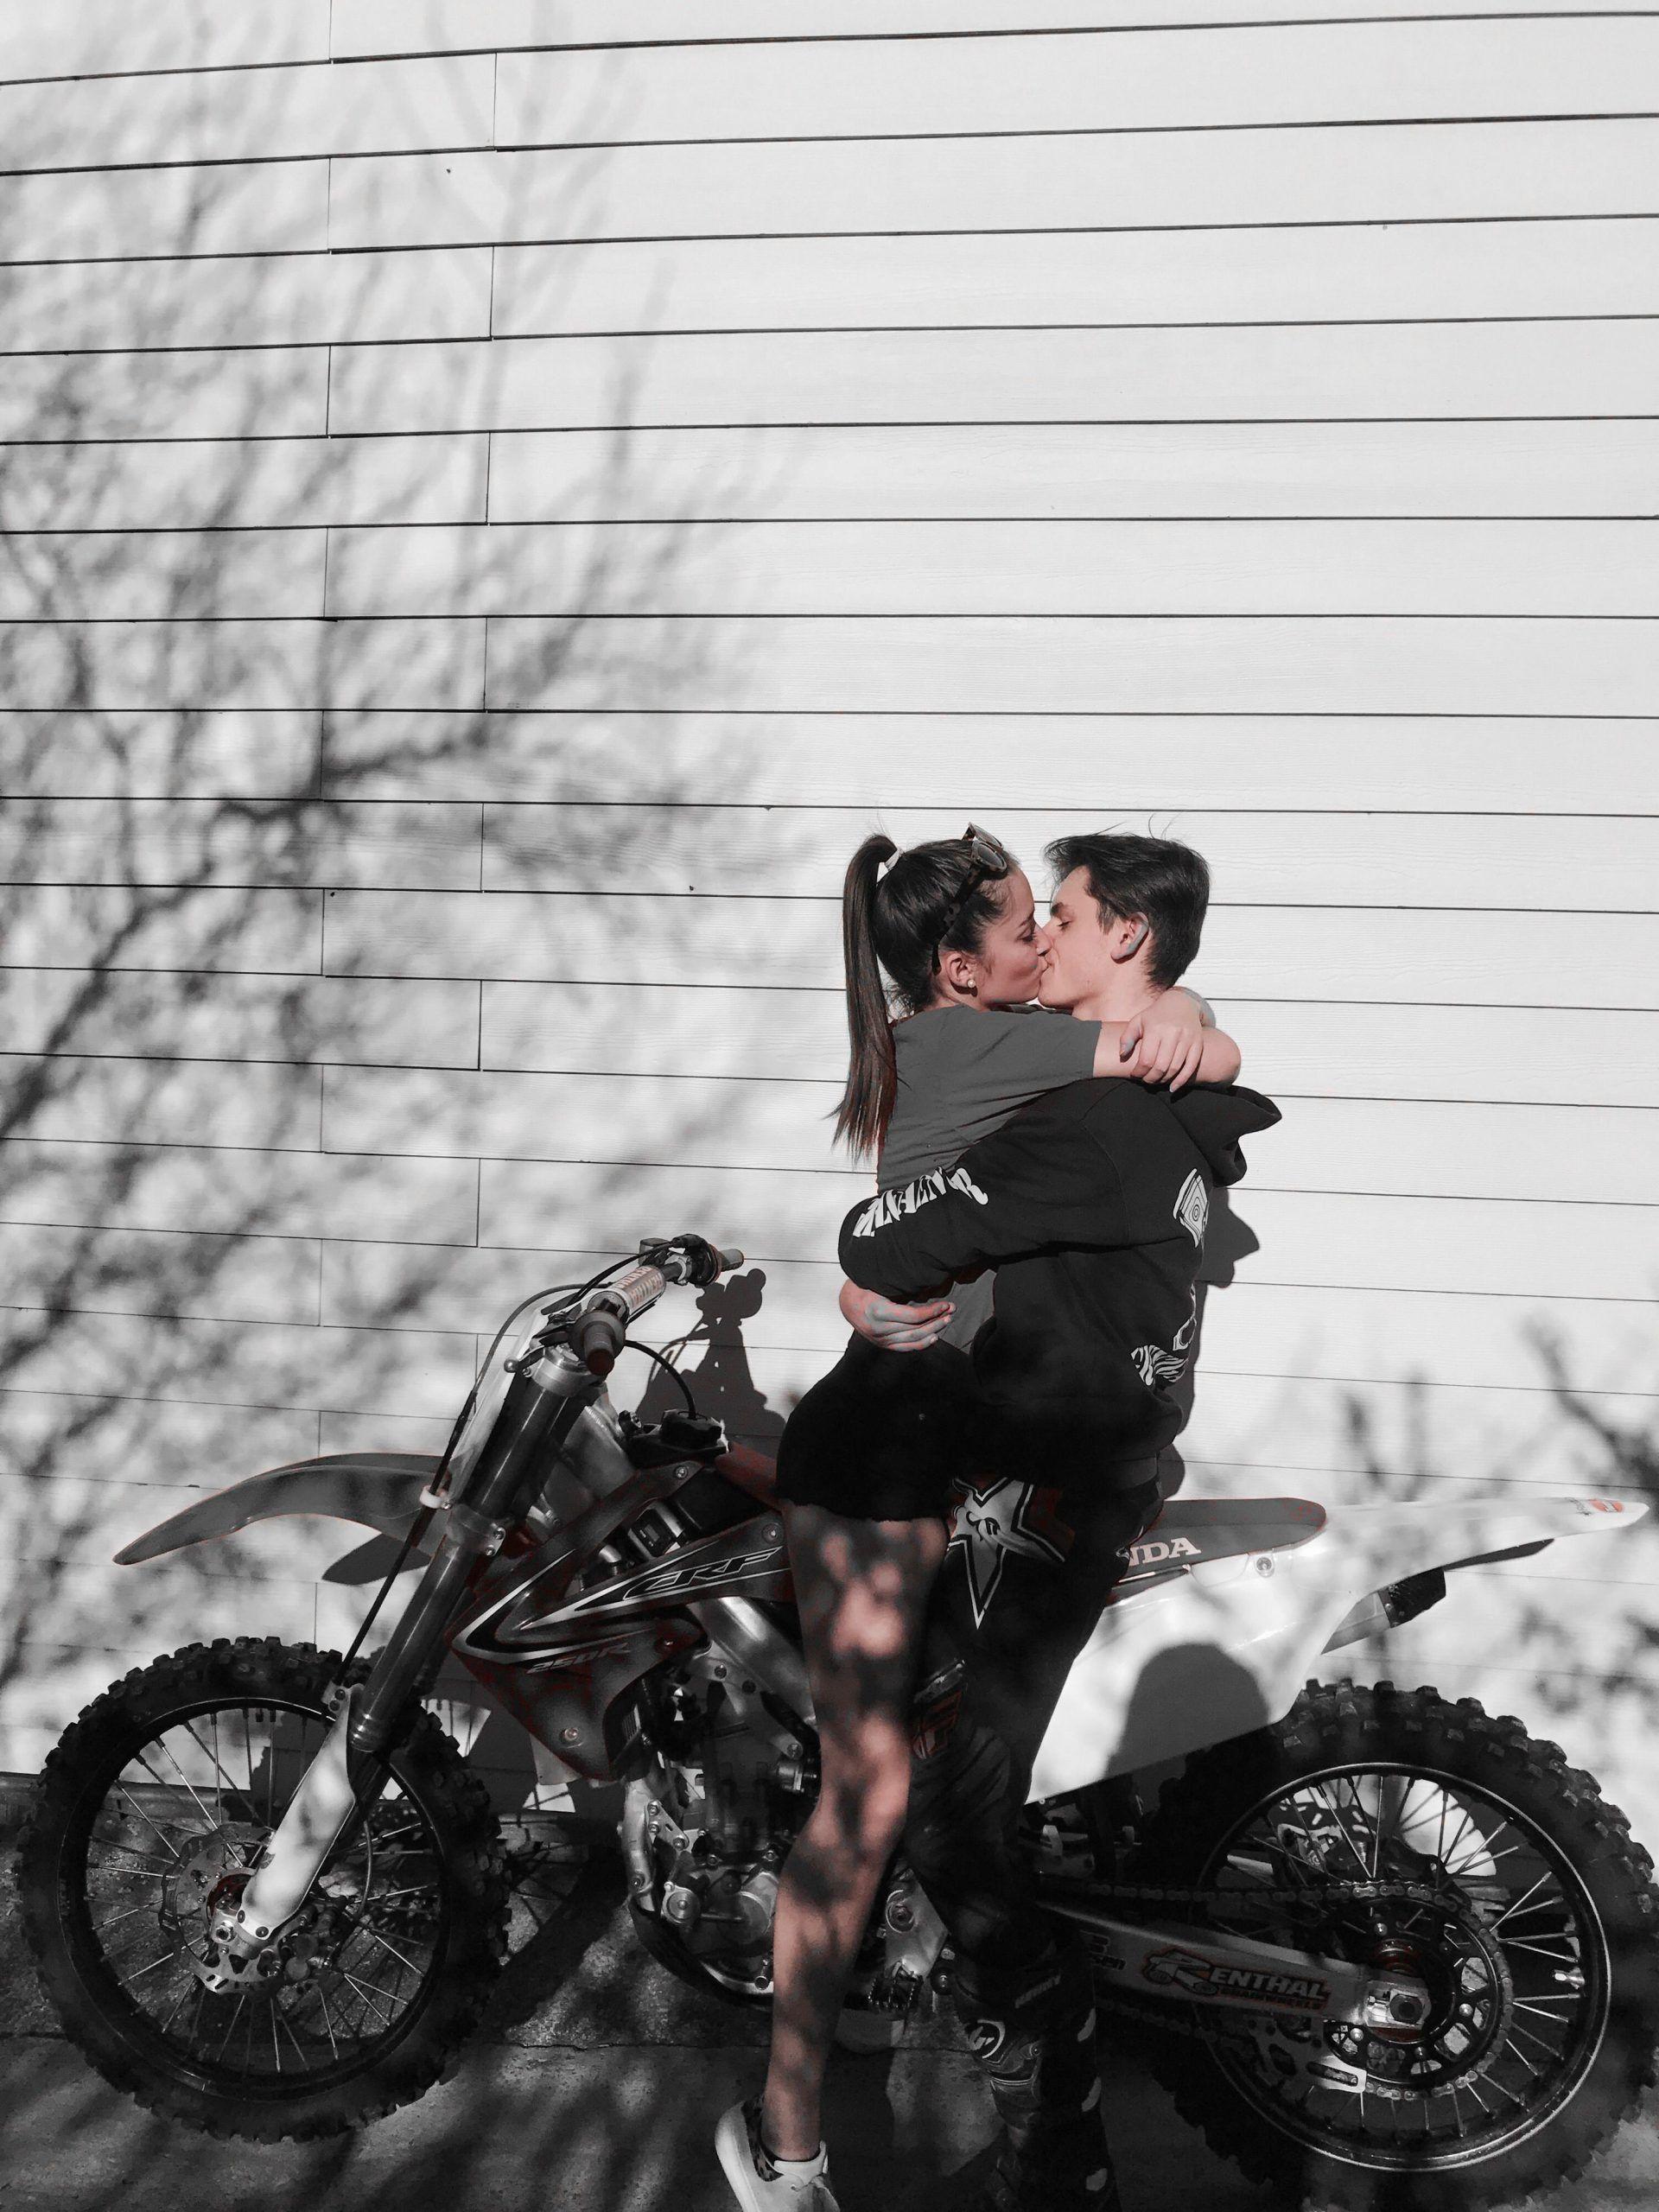 Enamorados Fotos De Parejas En Moto Tumblr